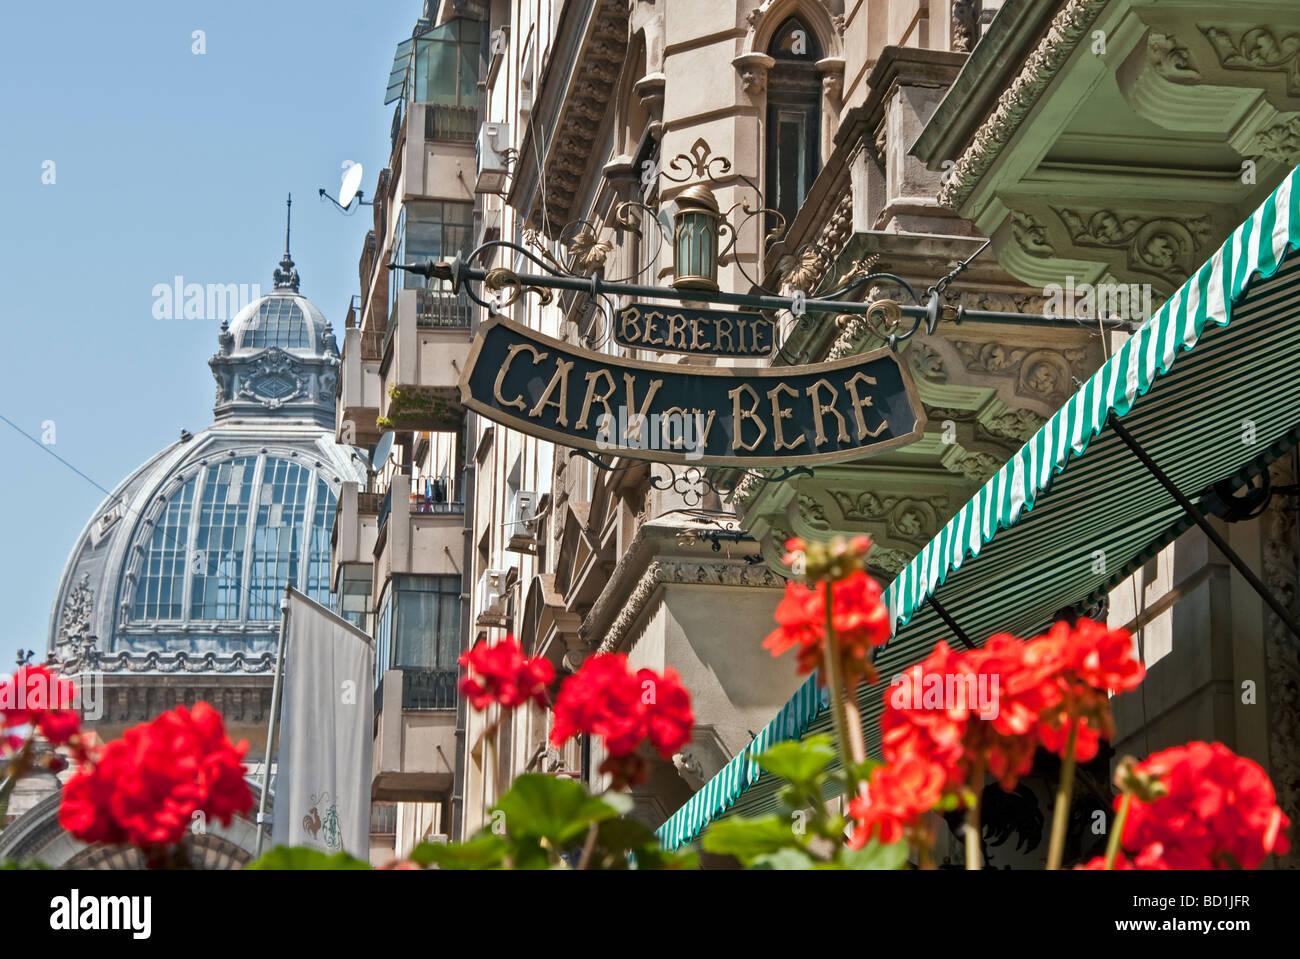 La cattedrale di birra nel centro di Bucarest è il Carv cu Bere, anche un ristorante che serve vino Immagini Stock